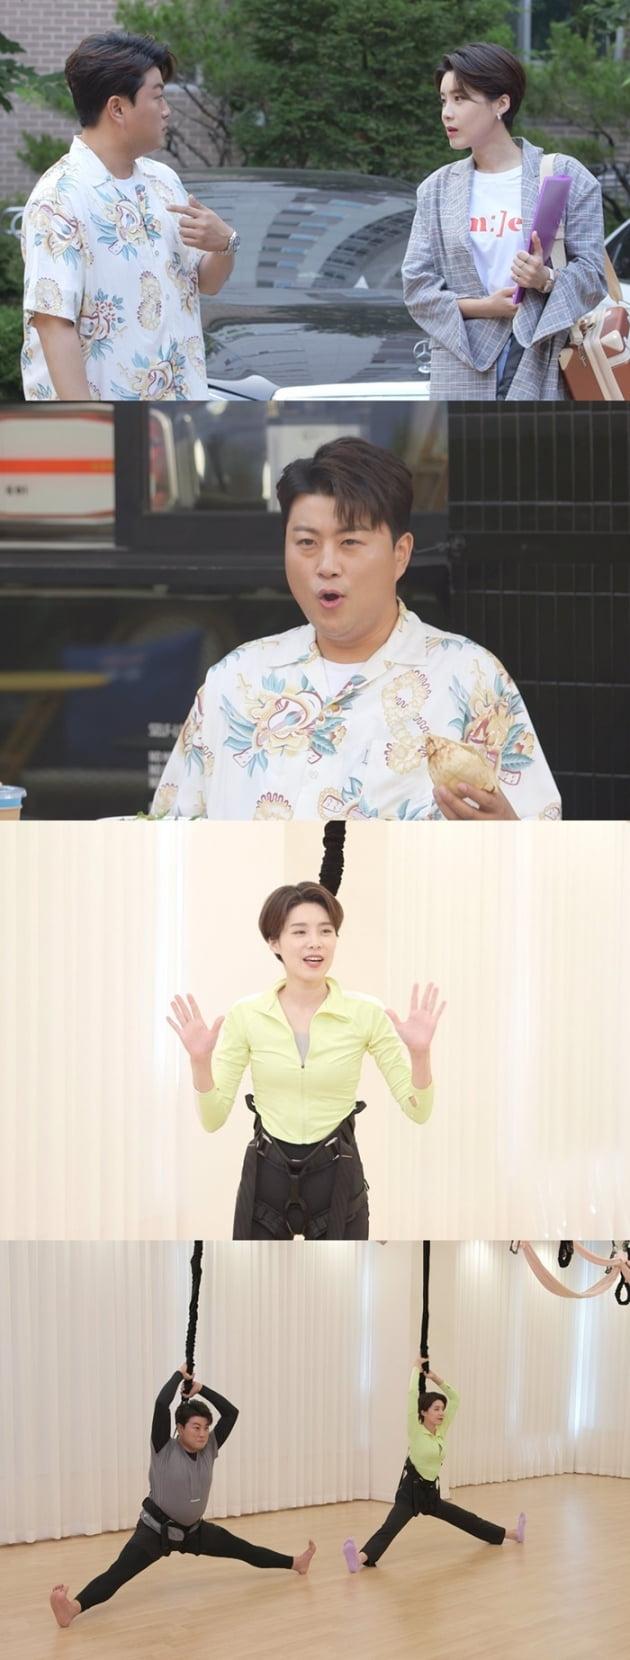 '박장데소' 김호중 장도연 / 사진 = SBS 제공